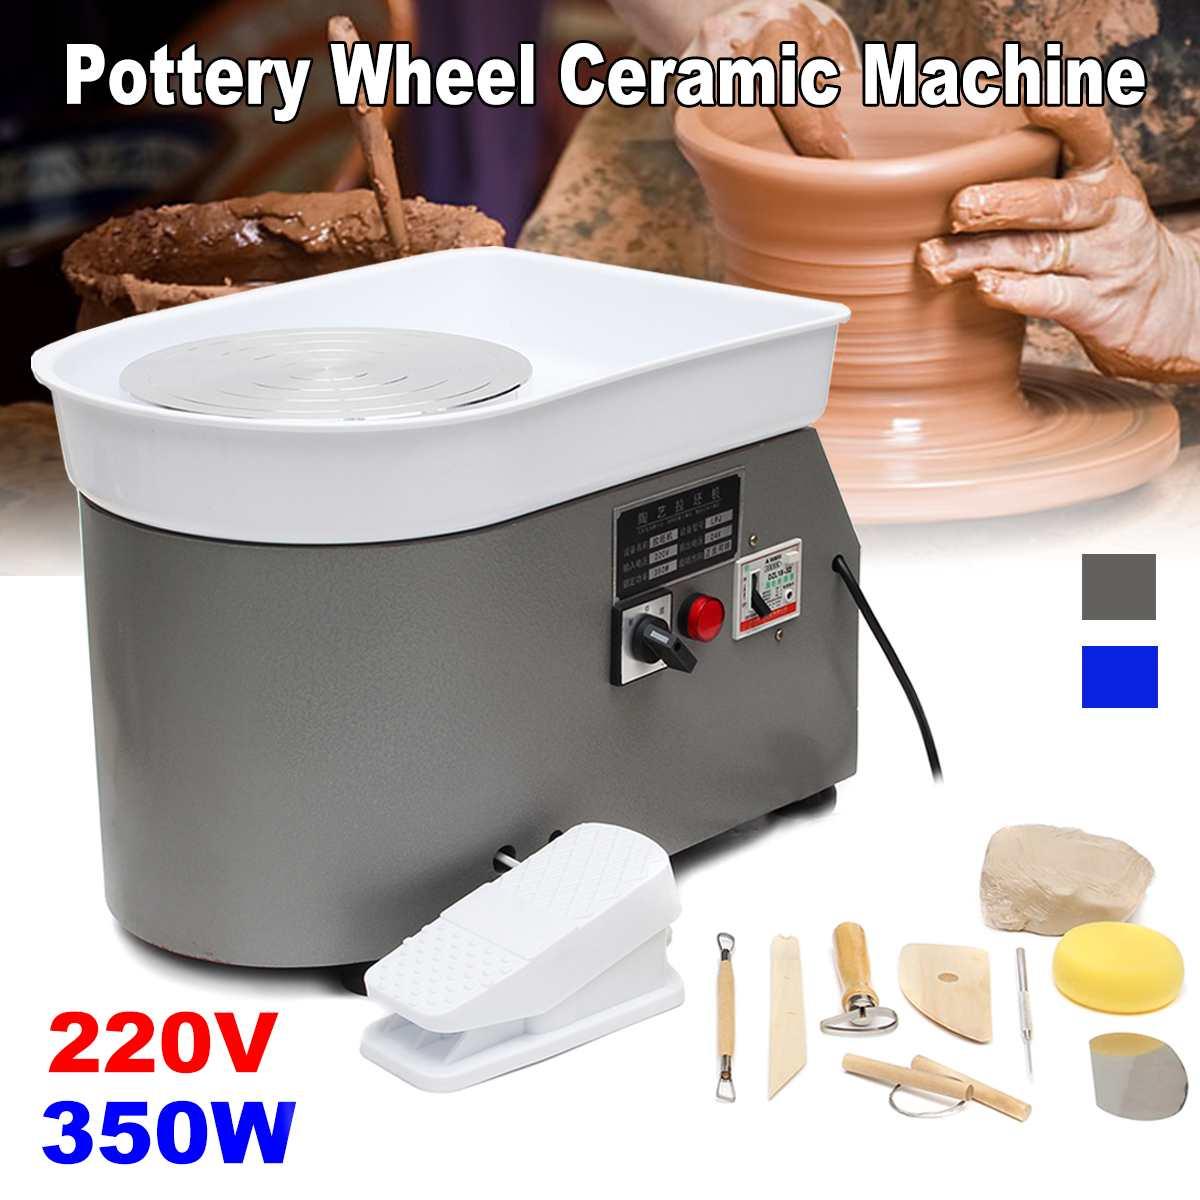 Poterie formant la Machine 220 V 350 W roue de poterie électrique argile pour travaux pratiques outil avec plateau pédale de pied Flexible pour céramique travail céramique